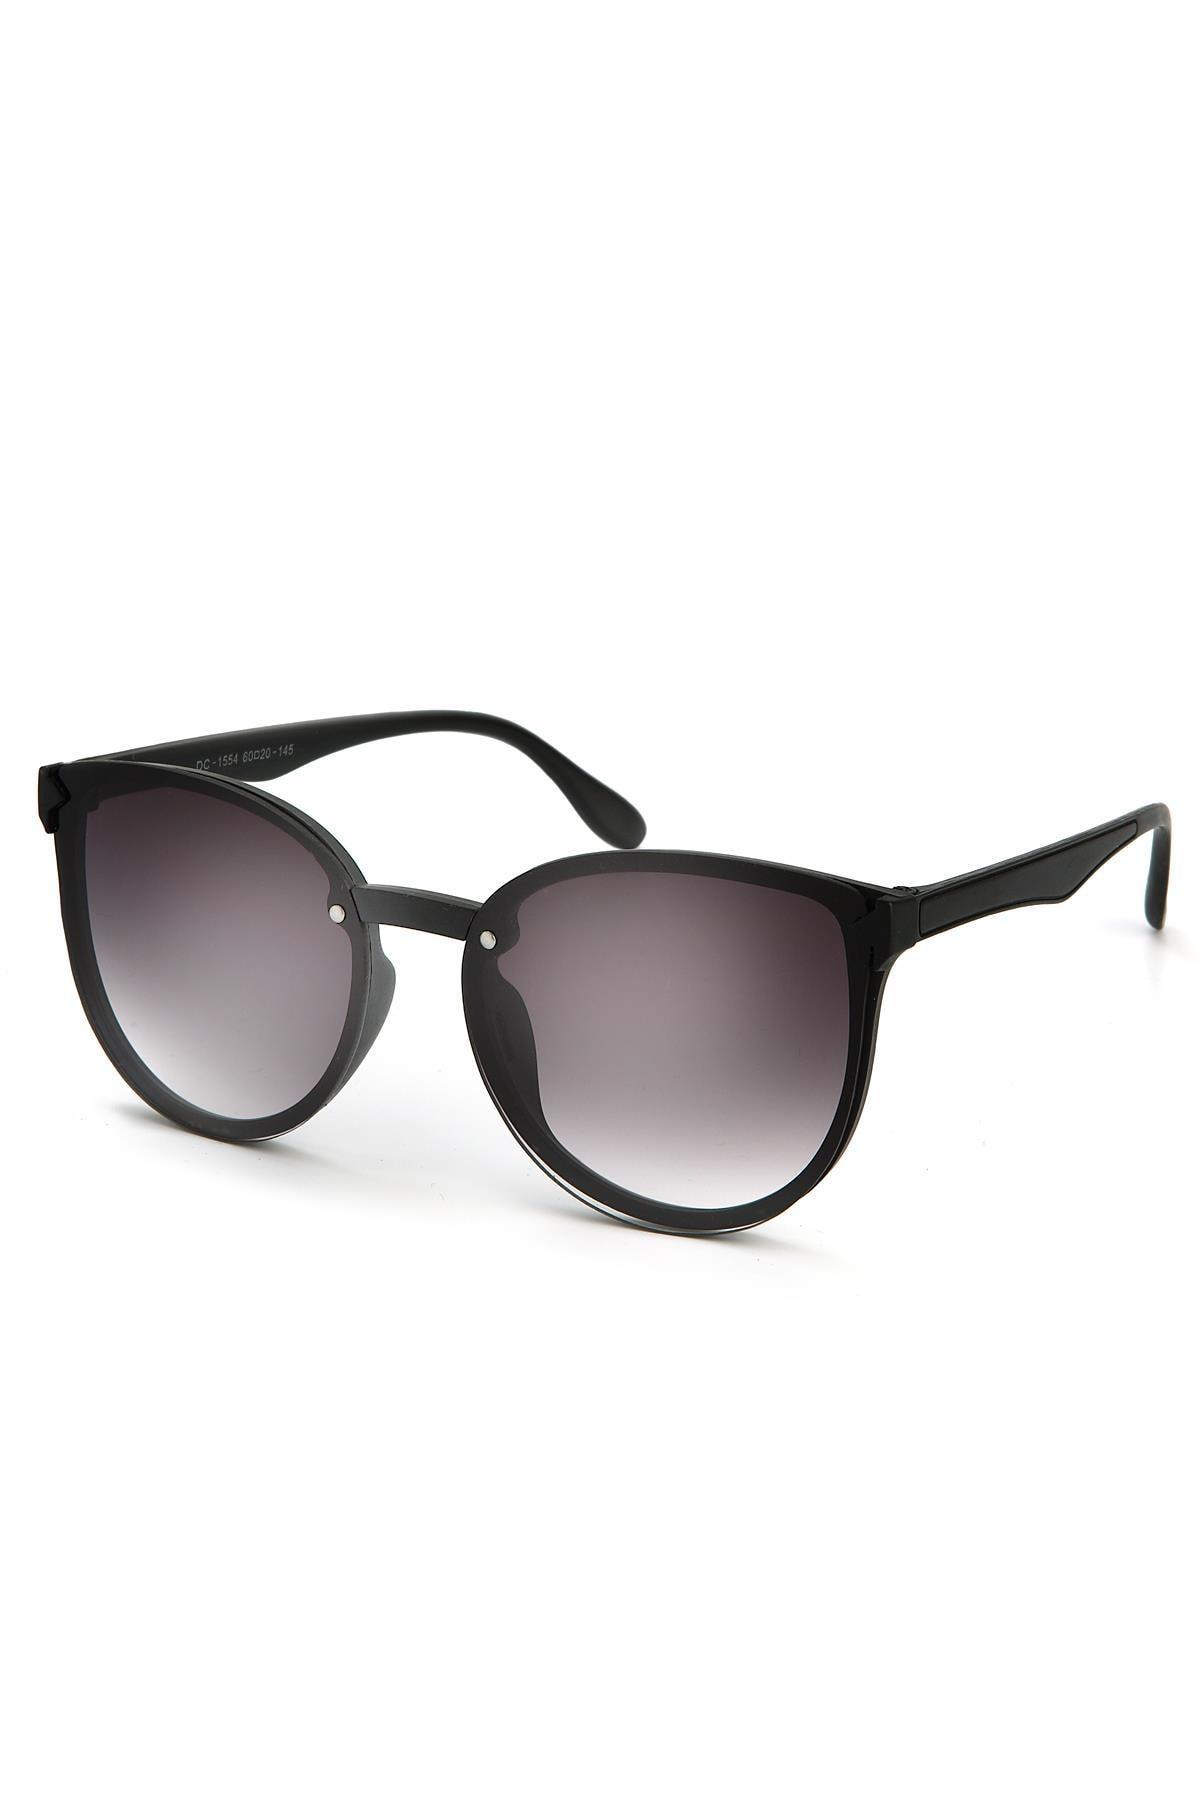 Di Caprio Unisex Oval Güneş Gözlüğü DH1554A